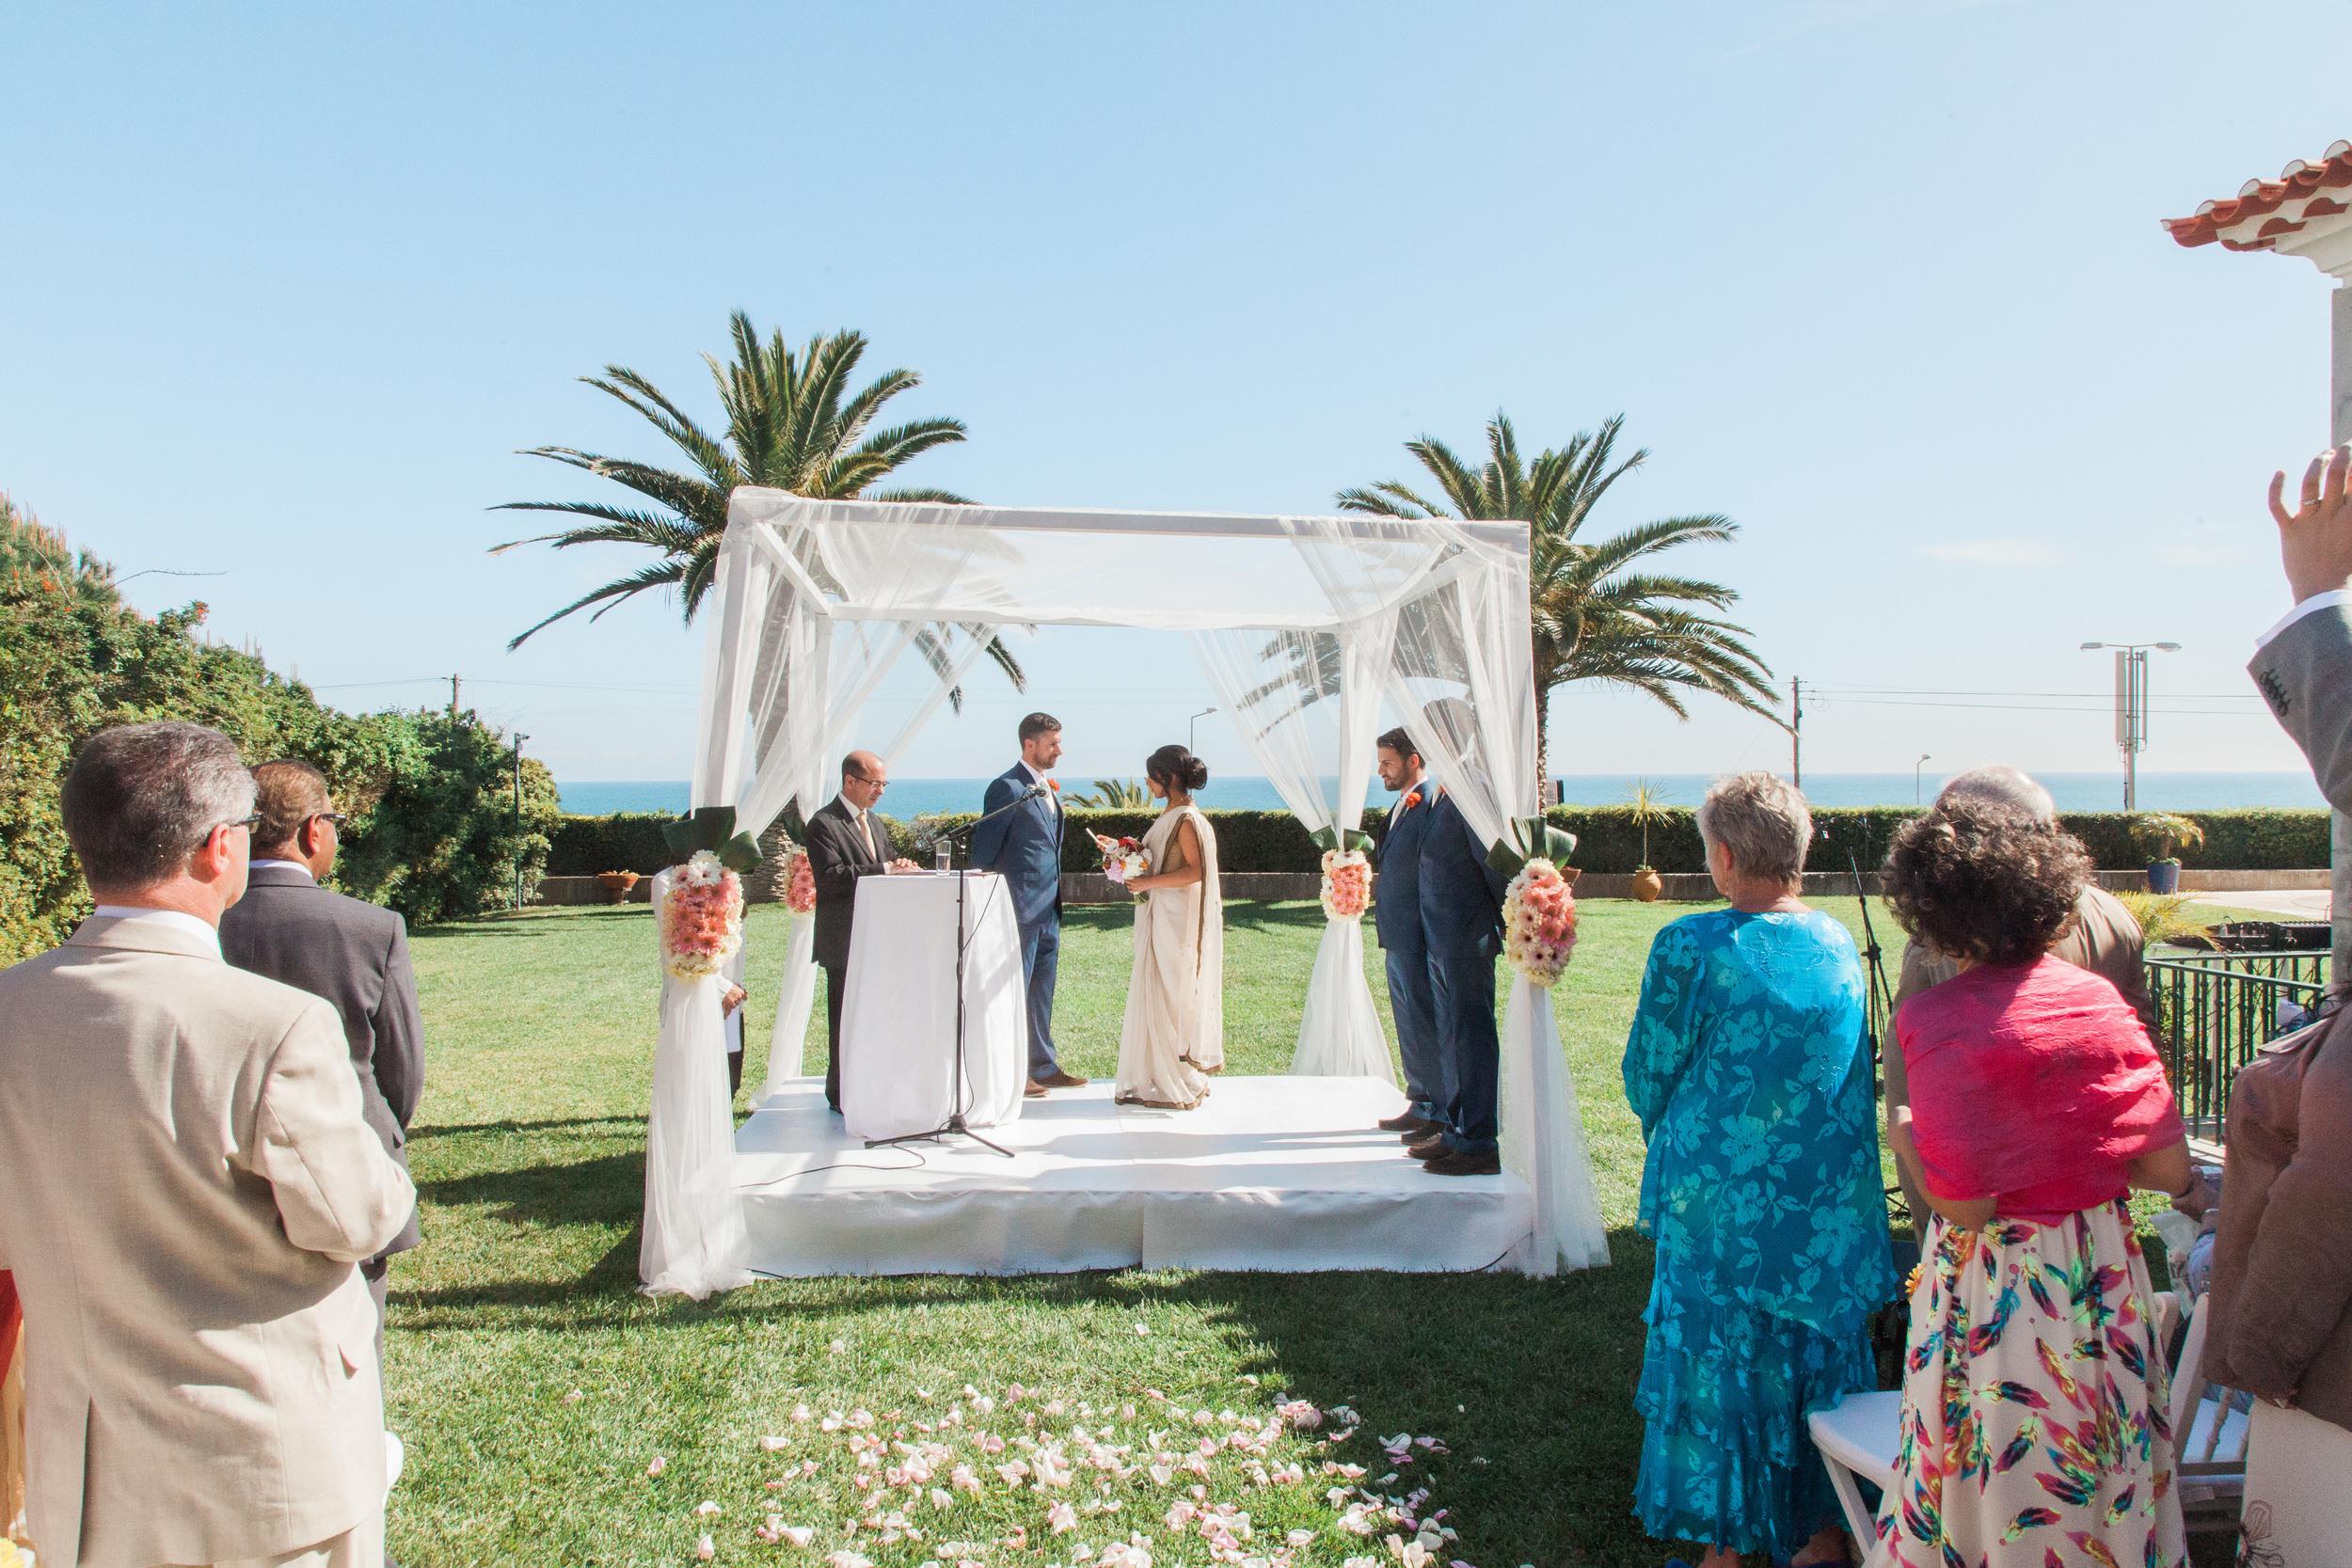 mariarao+wedding+cascais-351.jpg